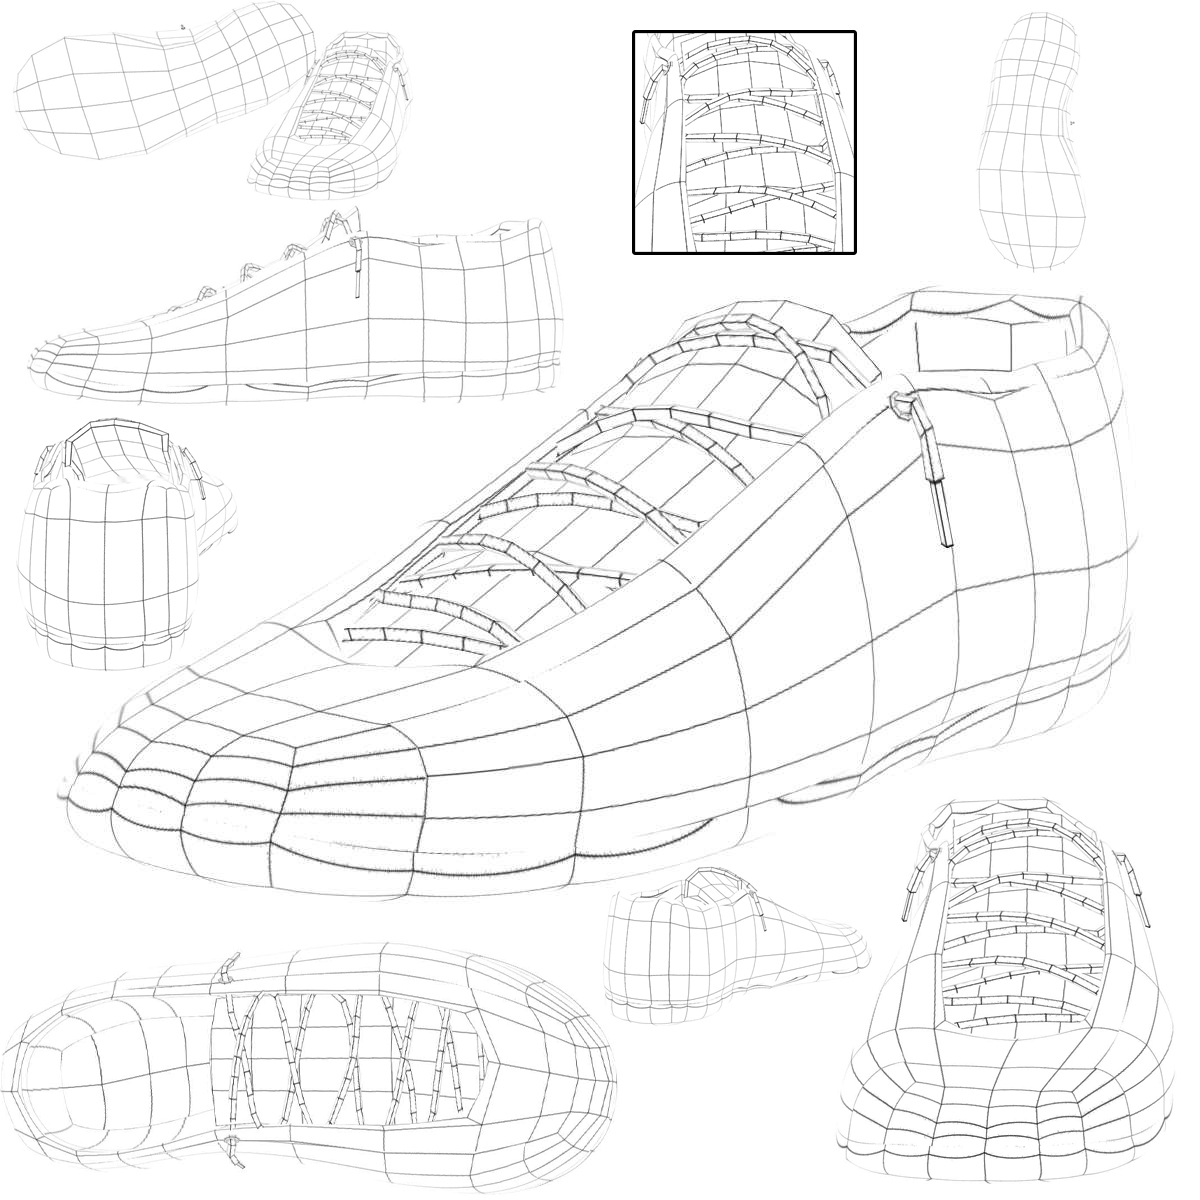 sneakers 3d model 3ds max fbx c4d ma mb obj 160393